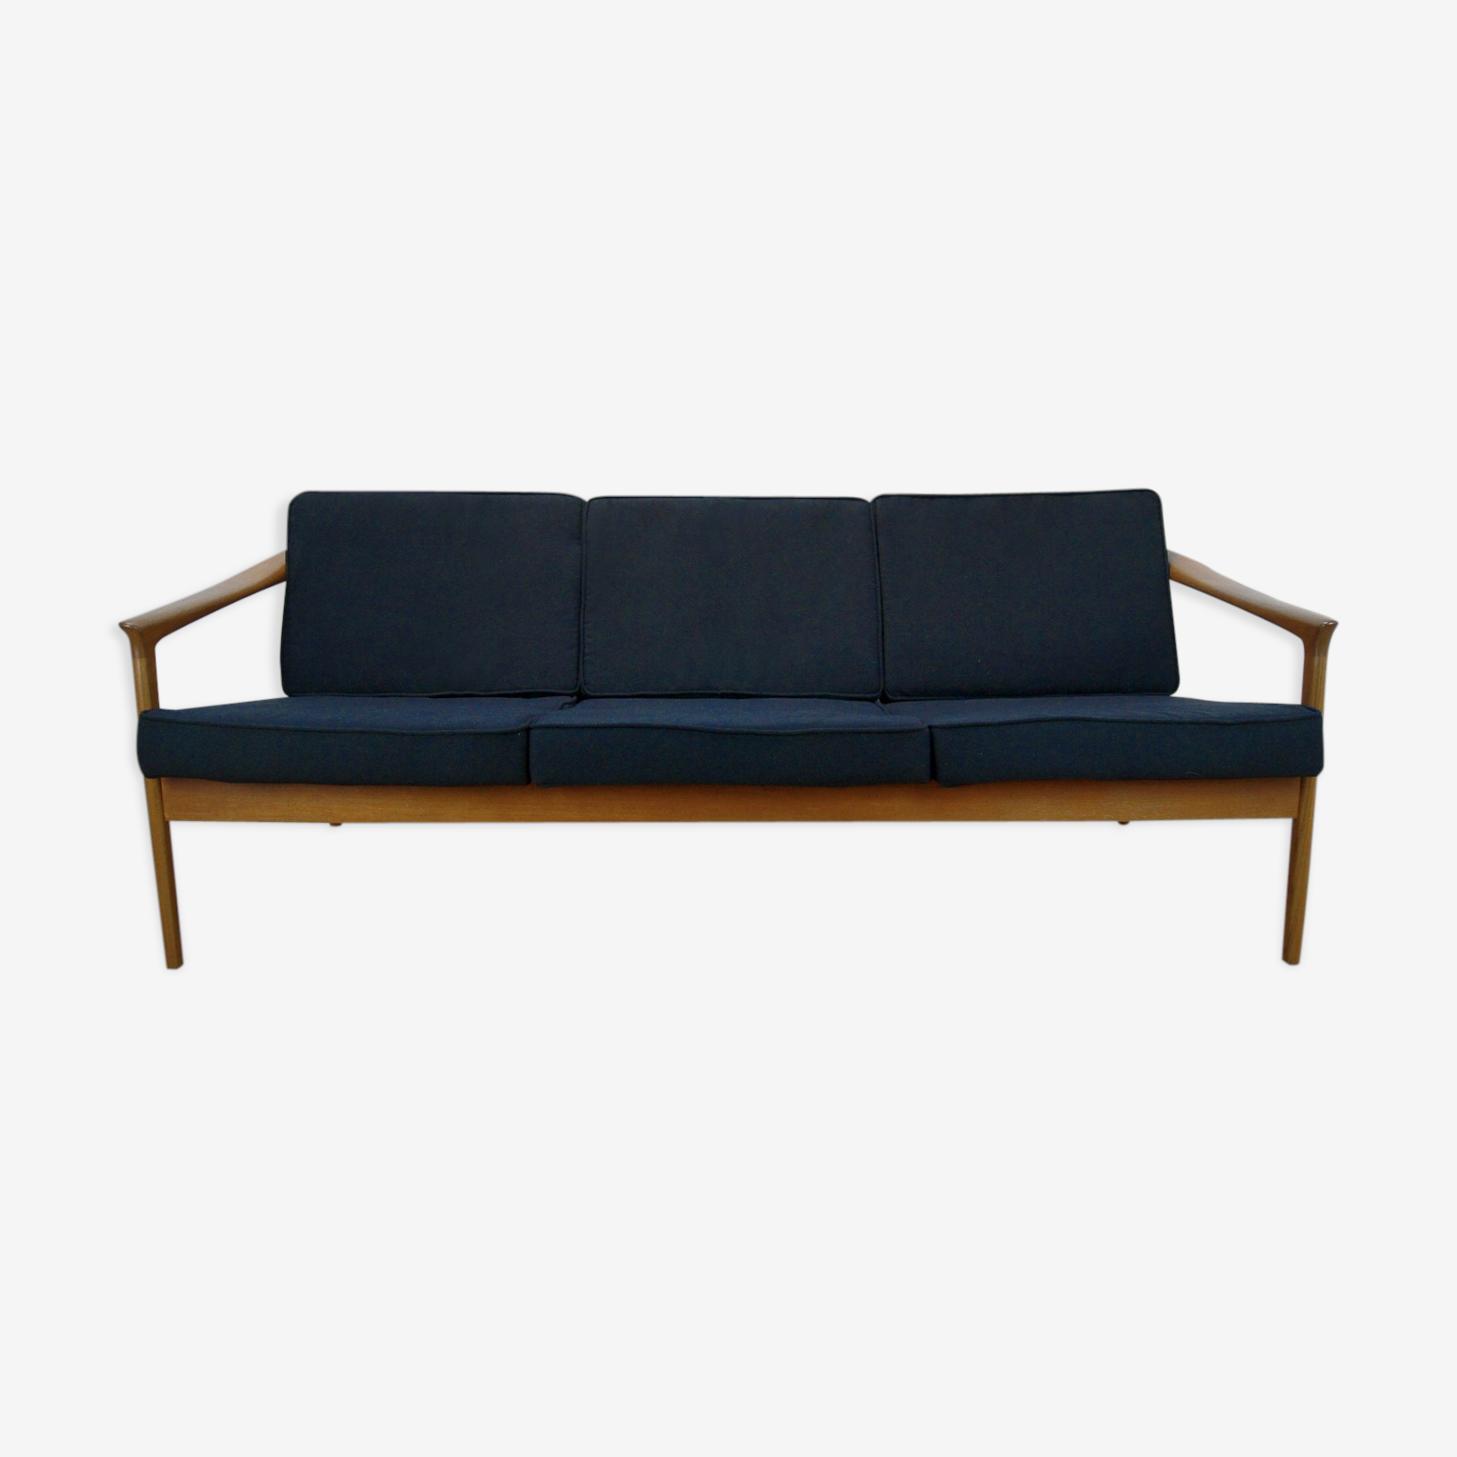 Sofa by Folke Ohlsson for Bodafors, 1968